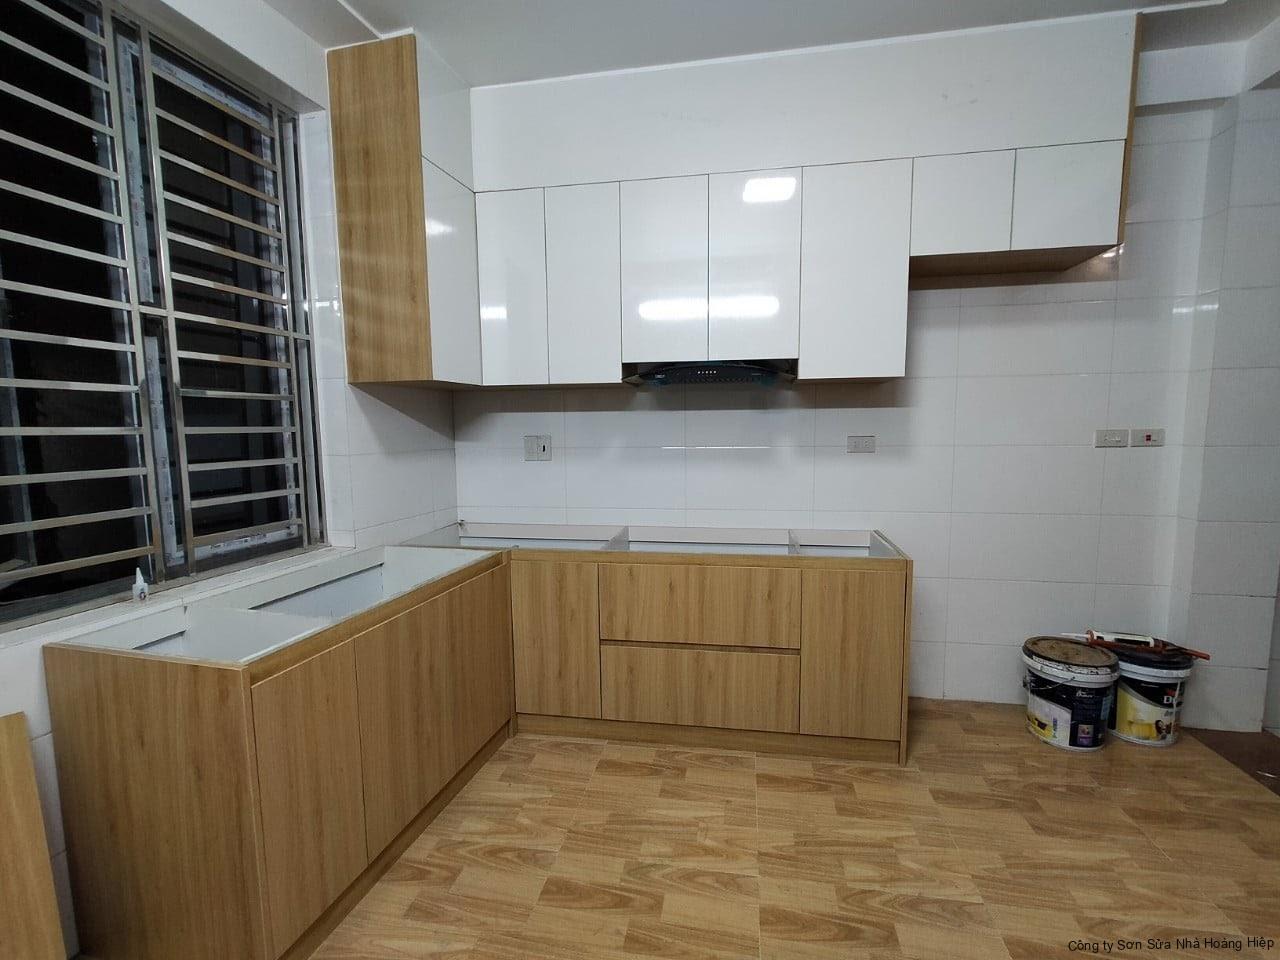 Thi công tủ bếp làm bằng chất liệu gỗ HDF cao cấp An Cường, với bè mặt phủ veneer chống chịu được ẩm ướt